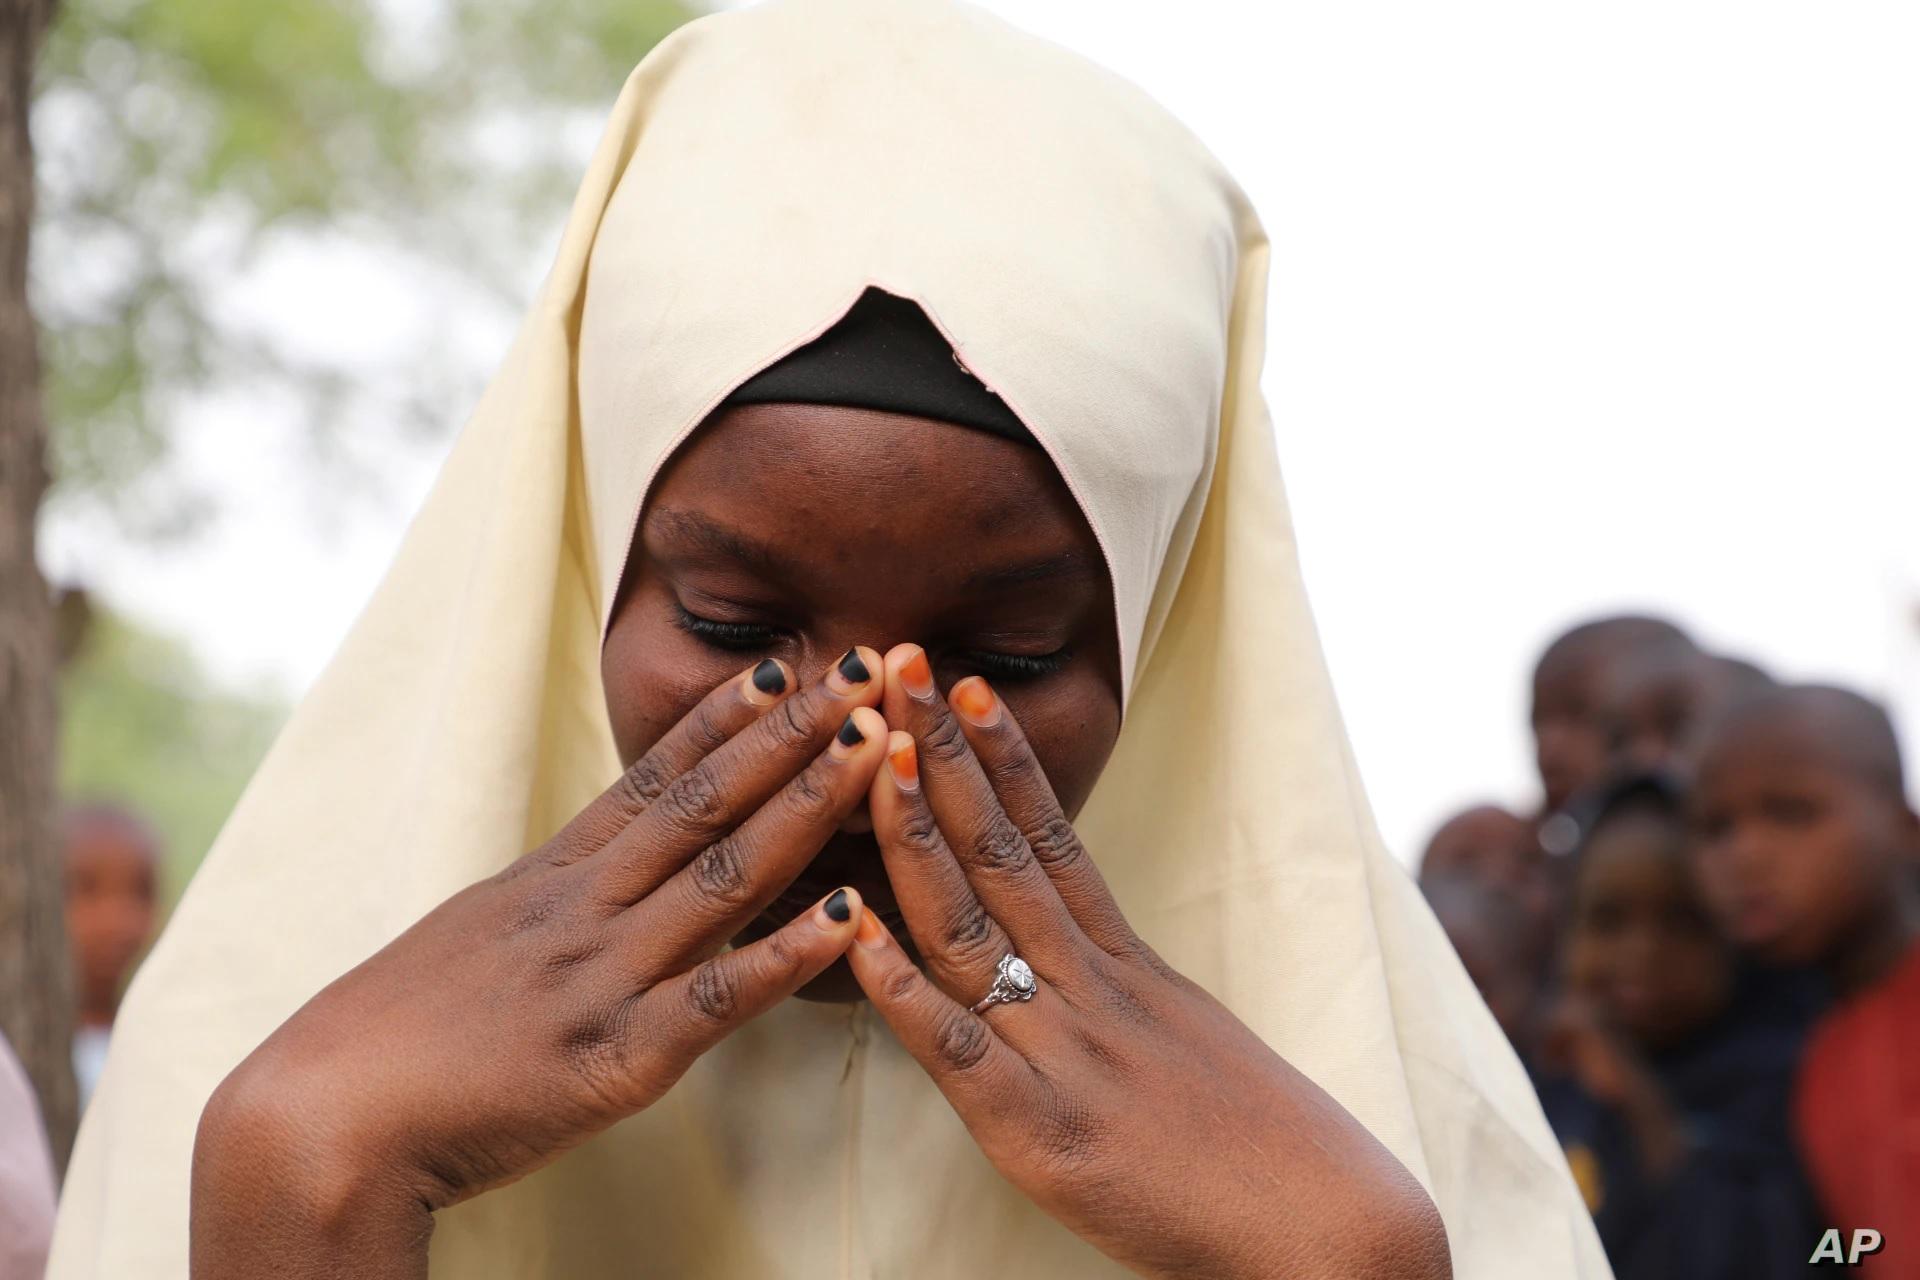 В Нигерии освобождены 17 школьников - а 300 девочек ищут